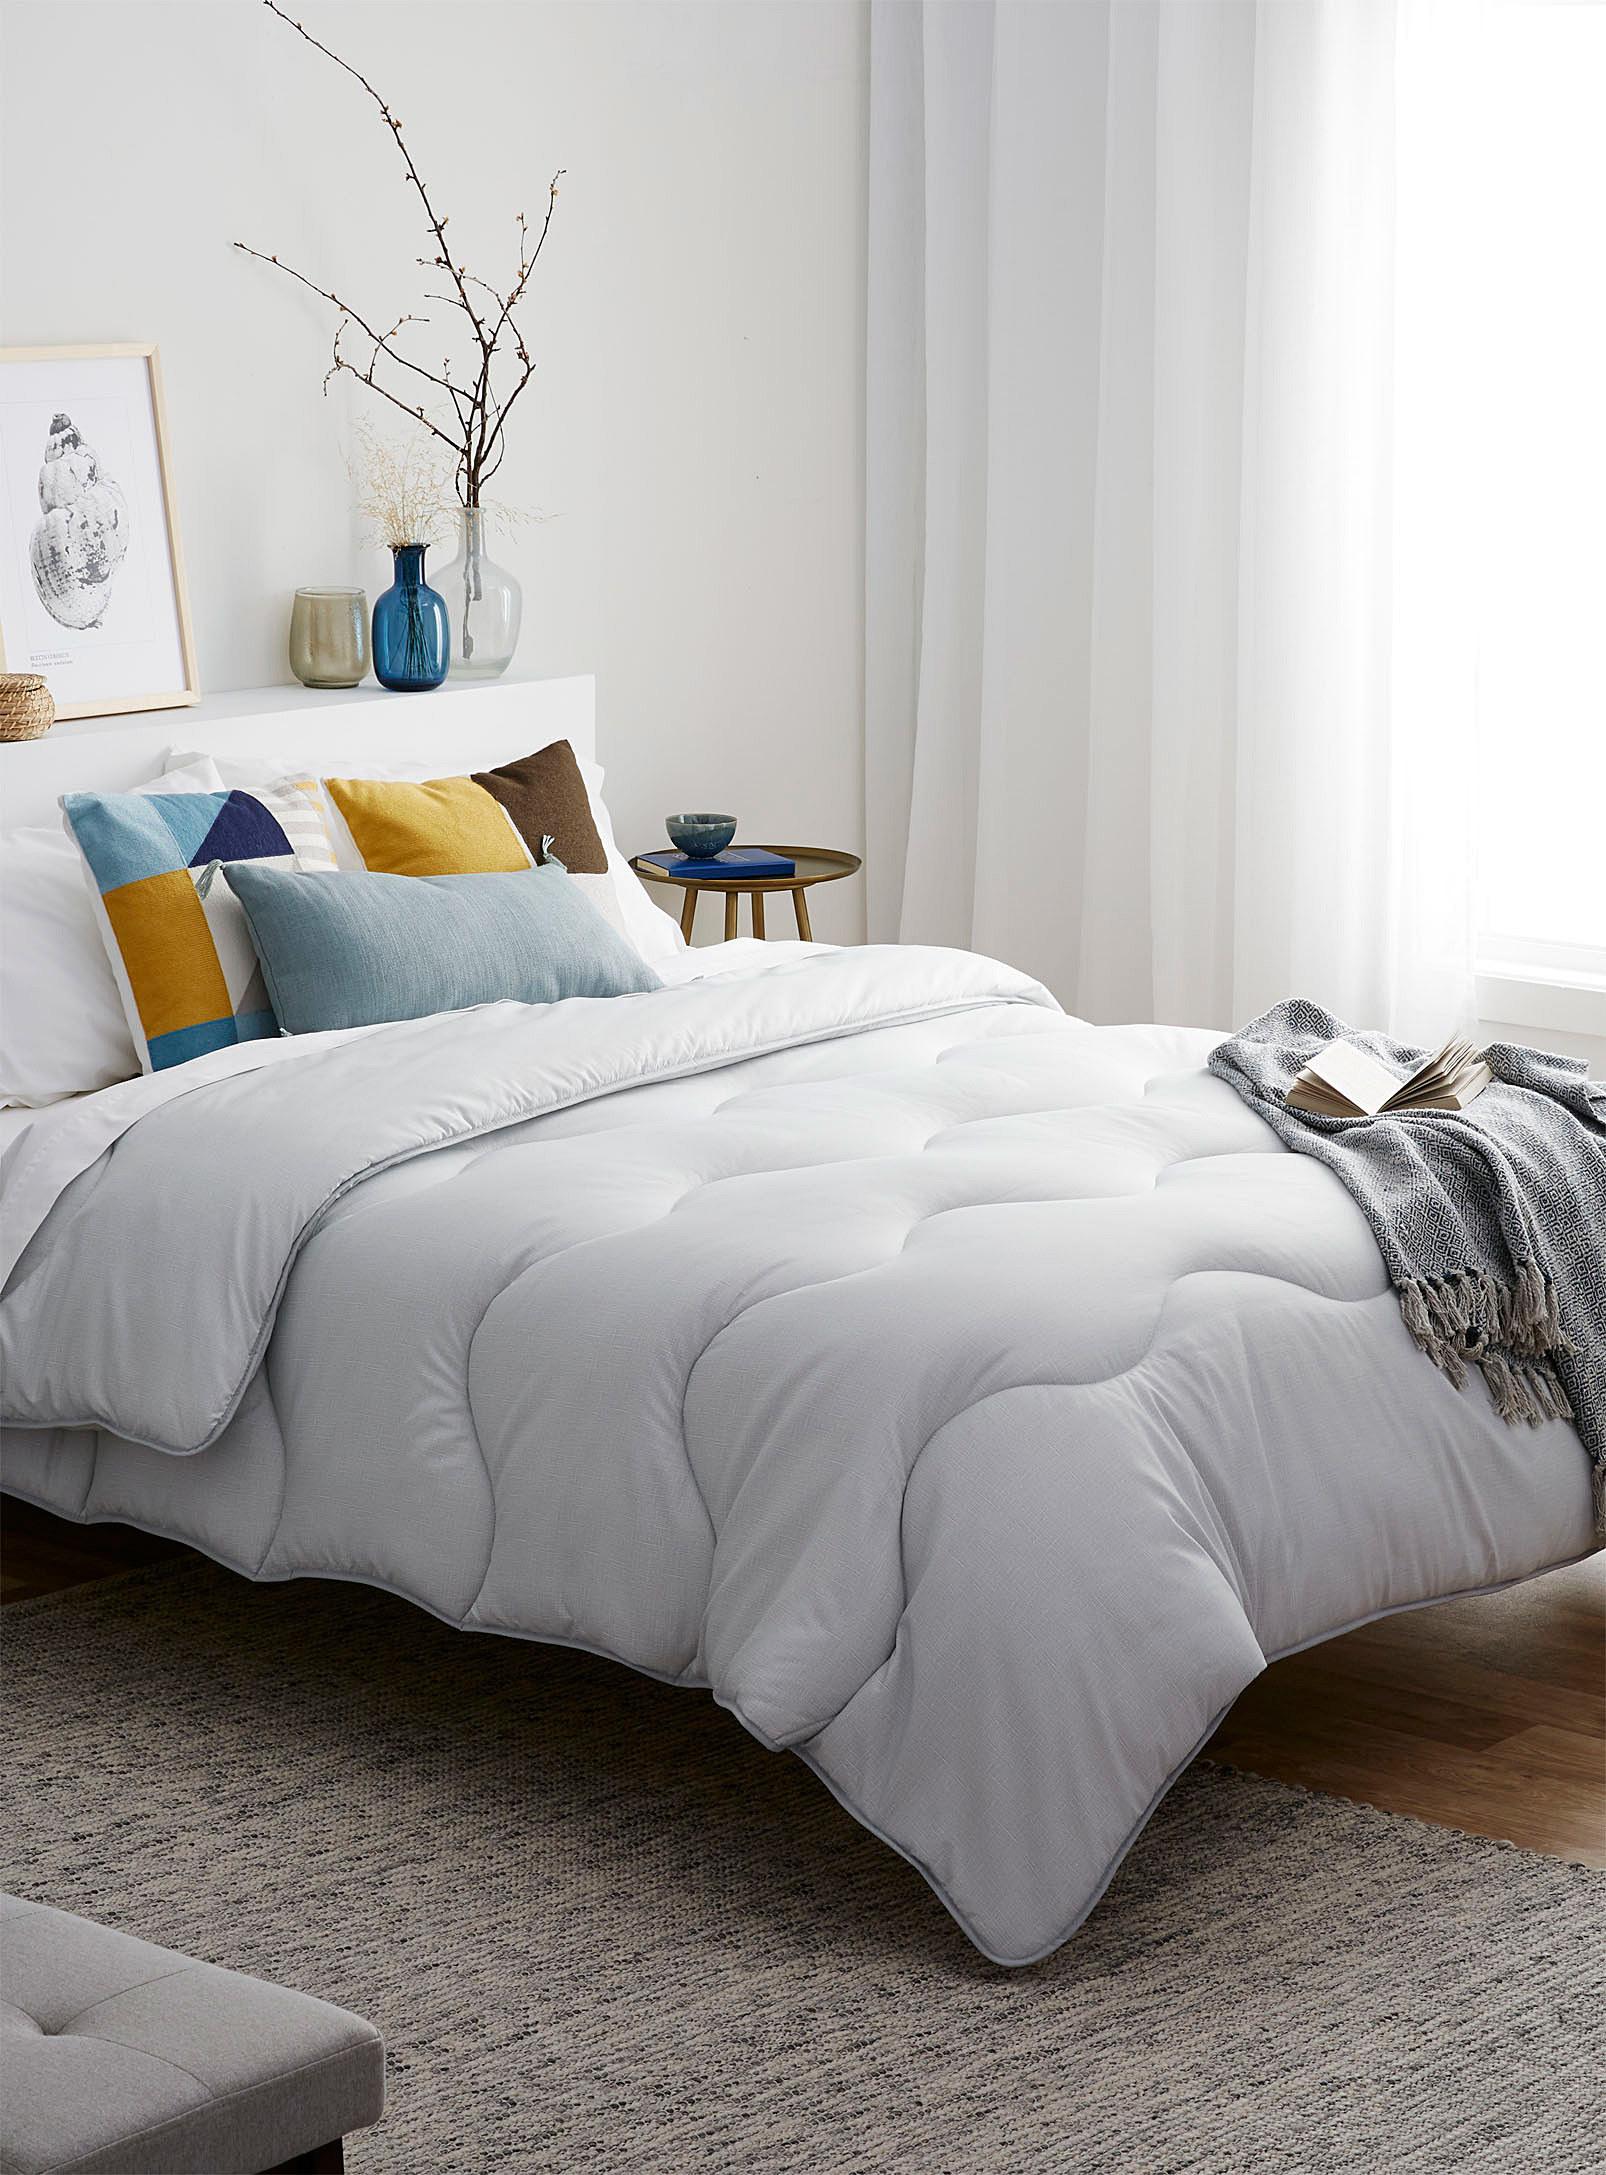 A lightweight duvet on a bed with pillows